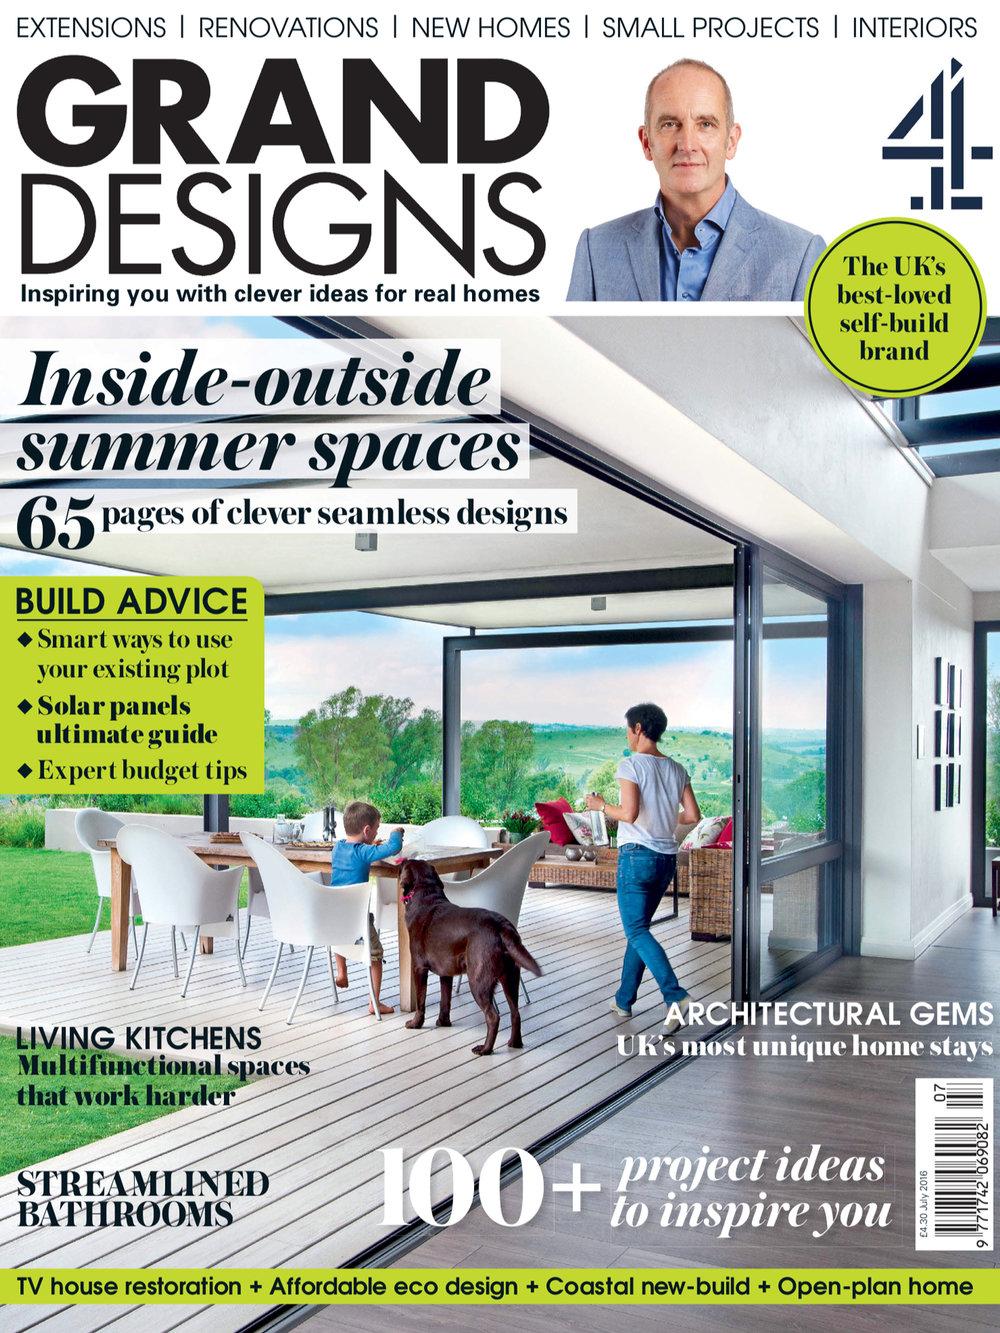 Grand Designs – Jul 16